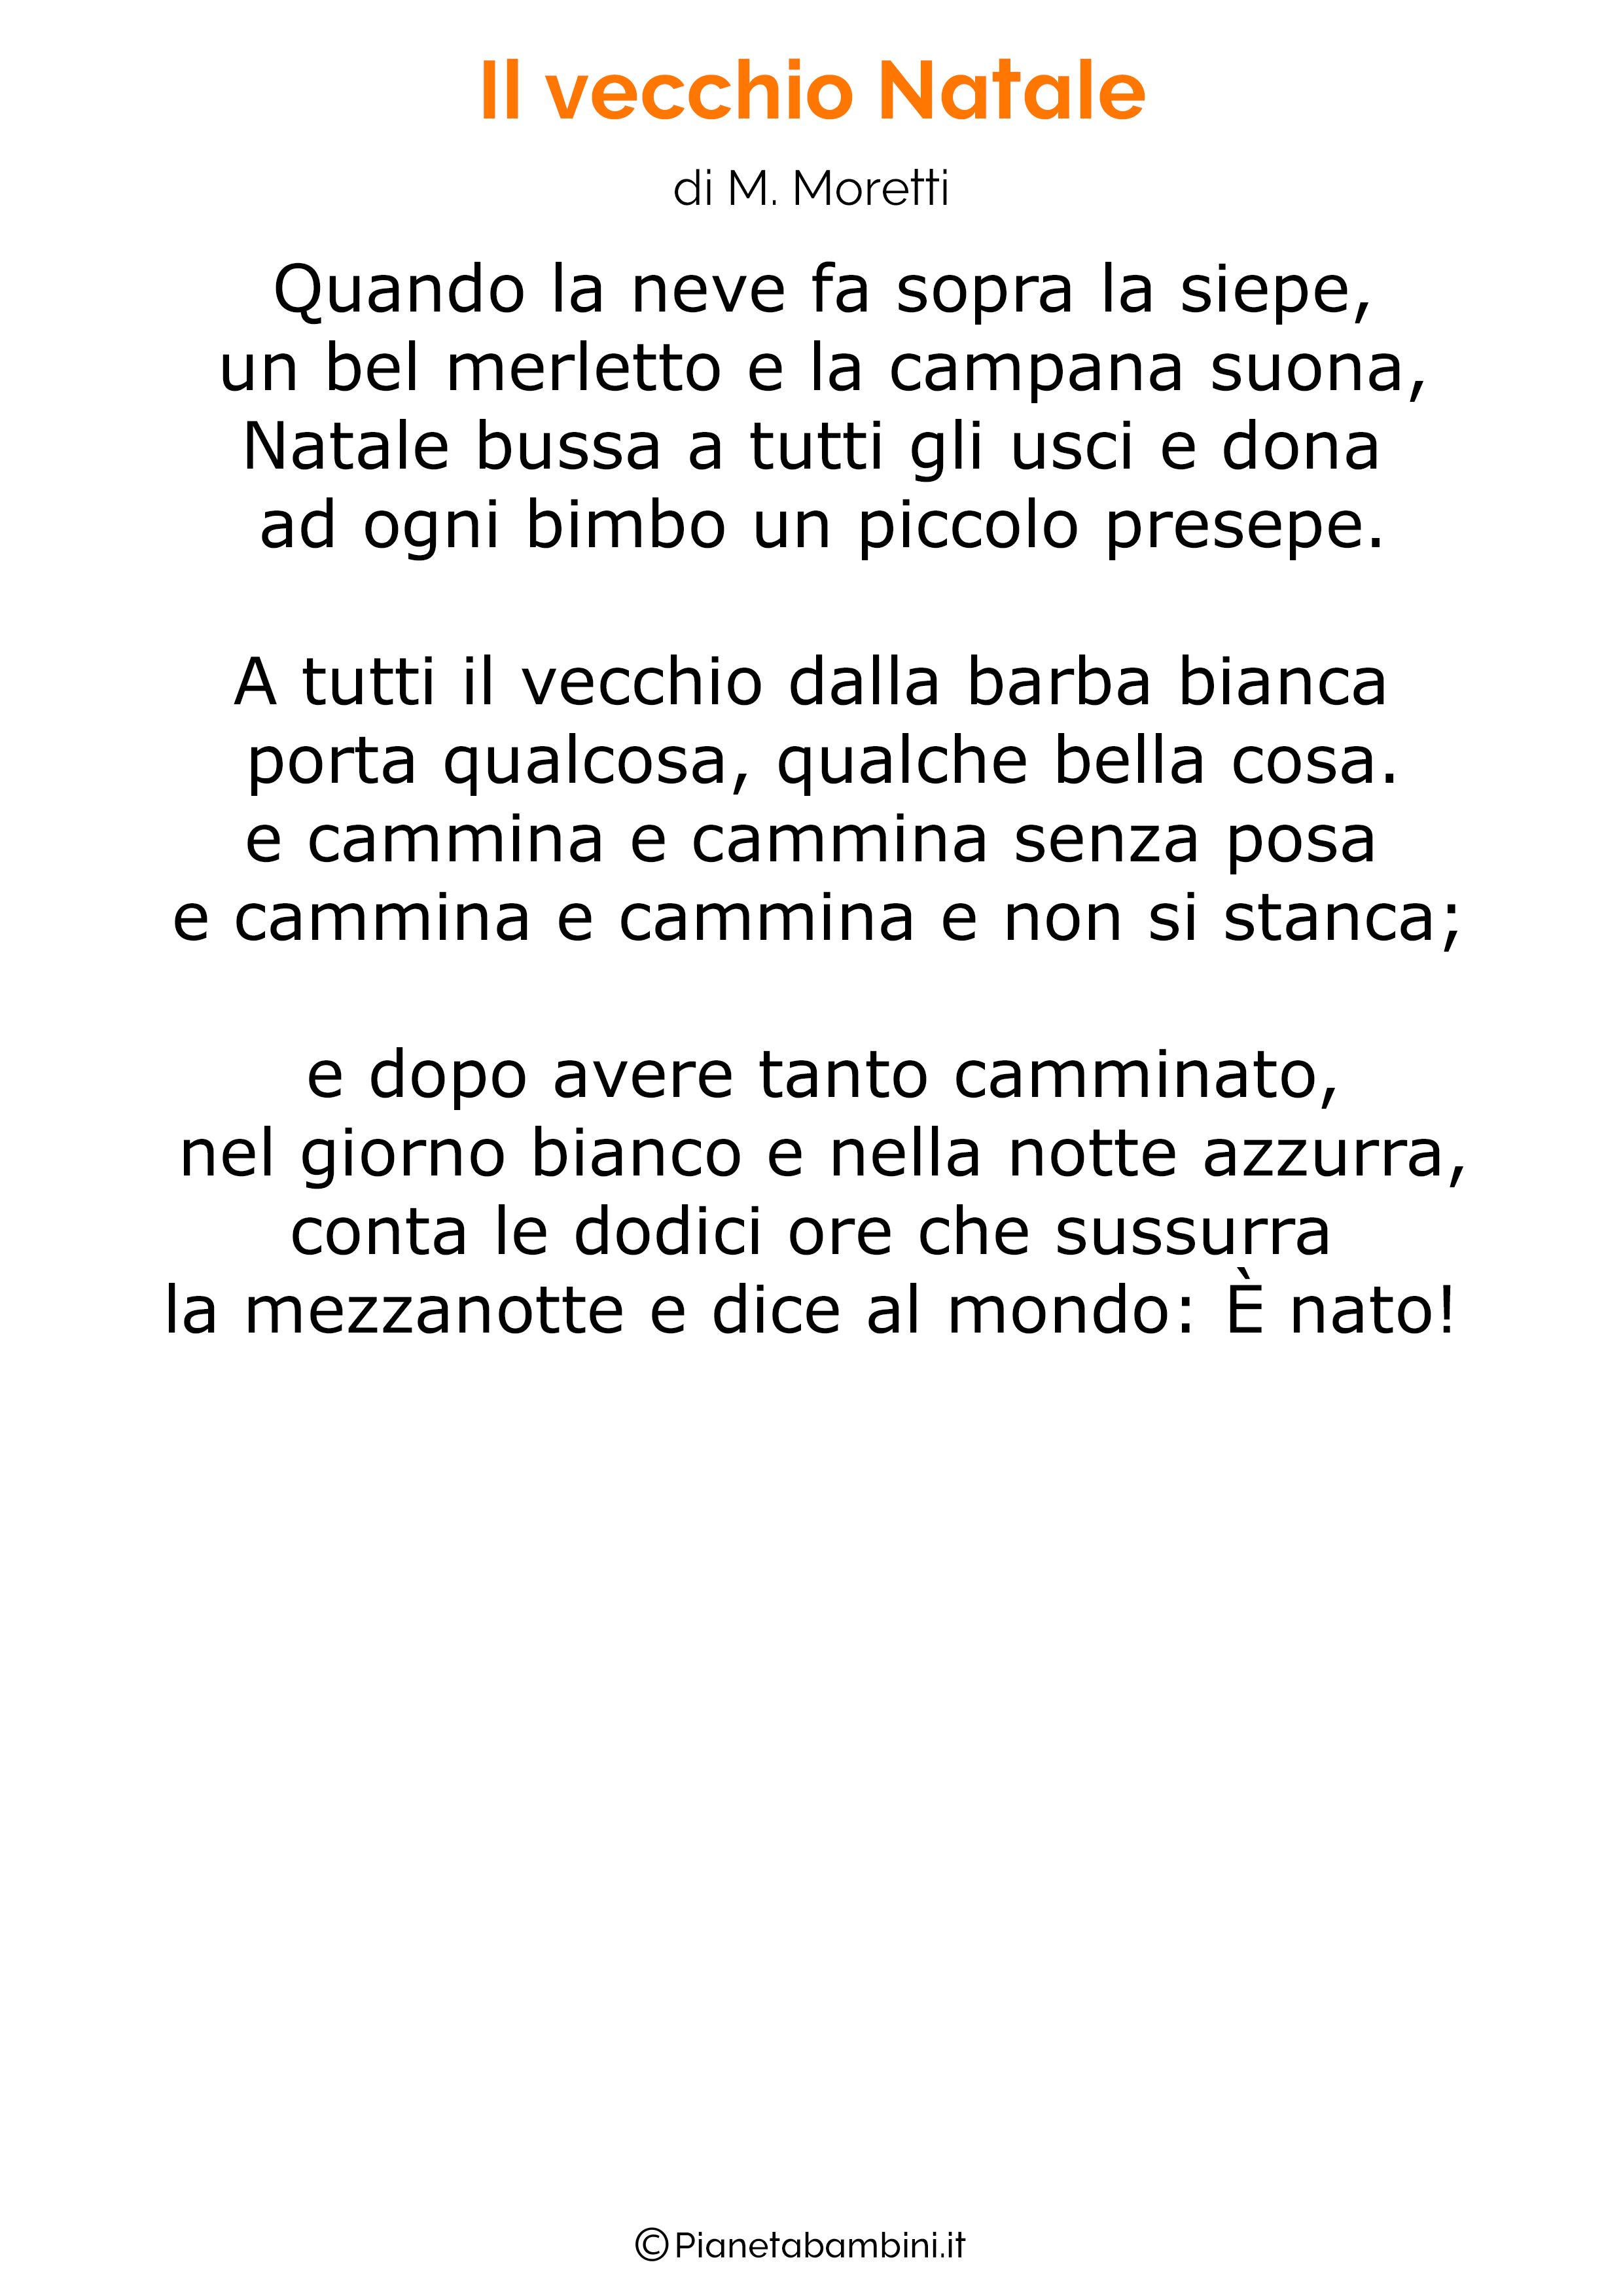 Poesia di Natale 21